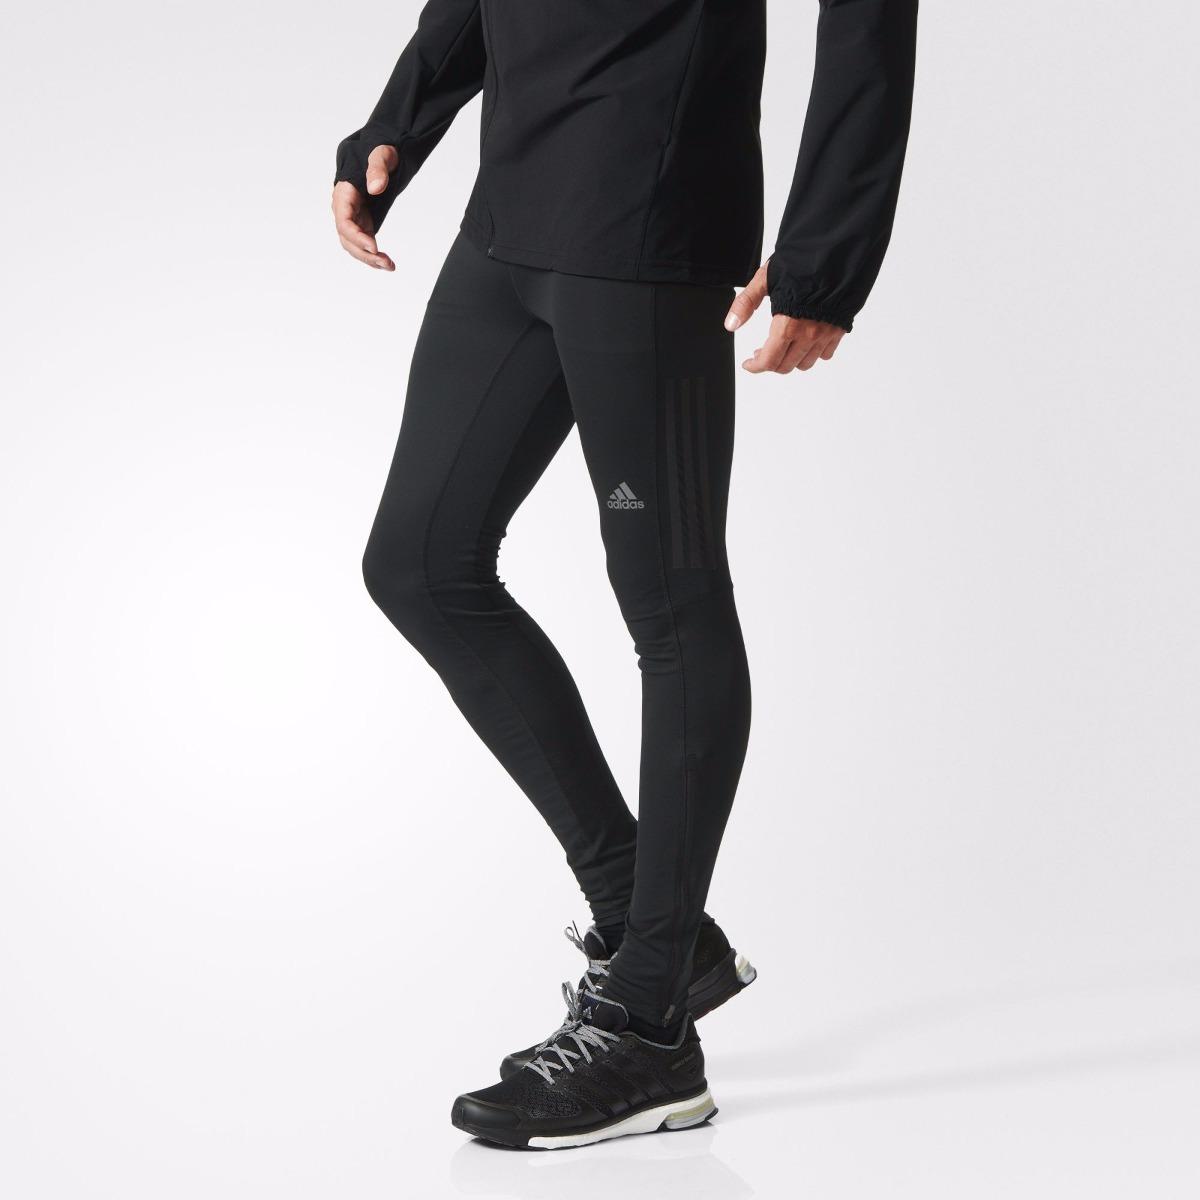 6e84e06a2735c hombre zoom Cargando de importado original running adidas calzas 1cTyRfSq.